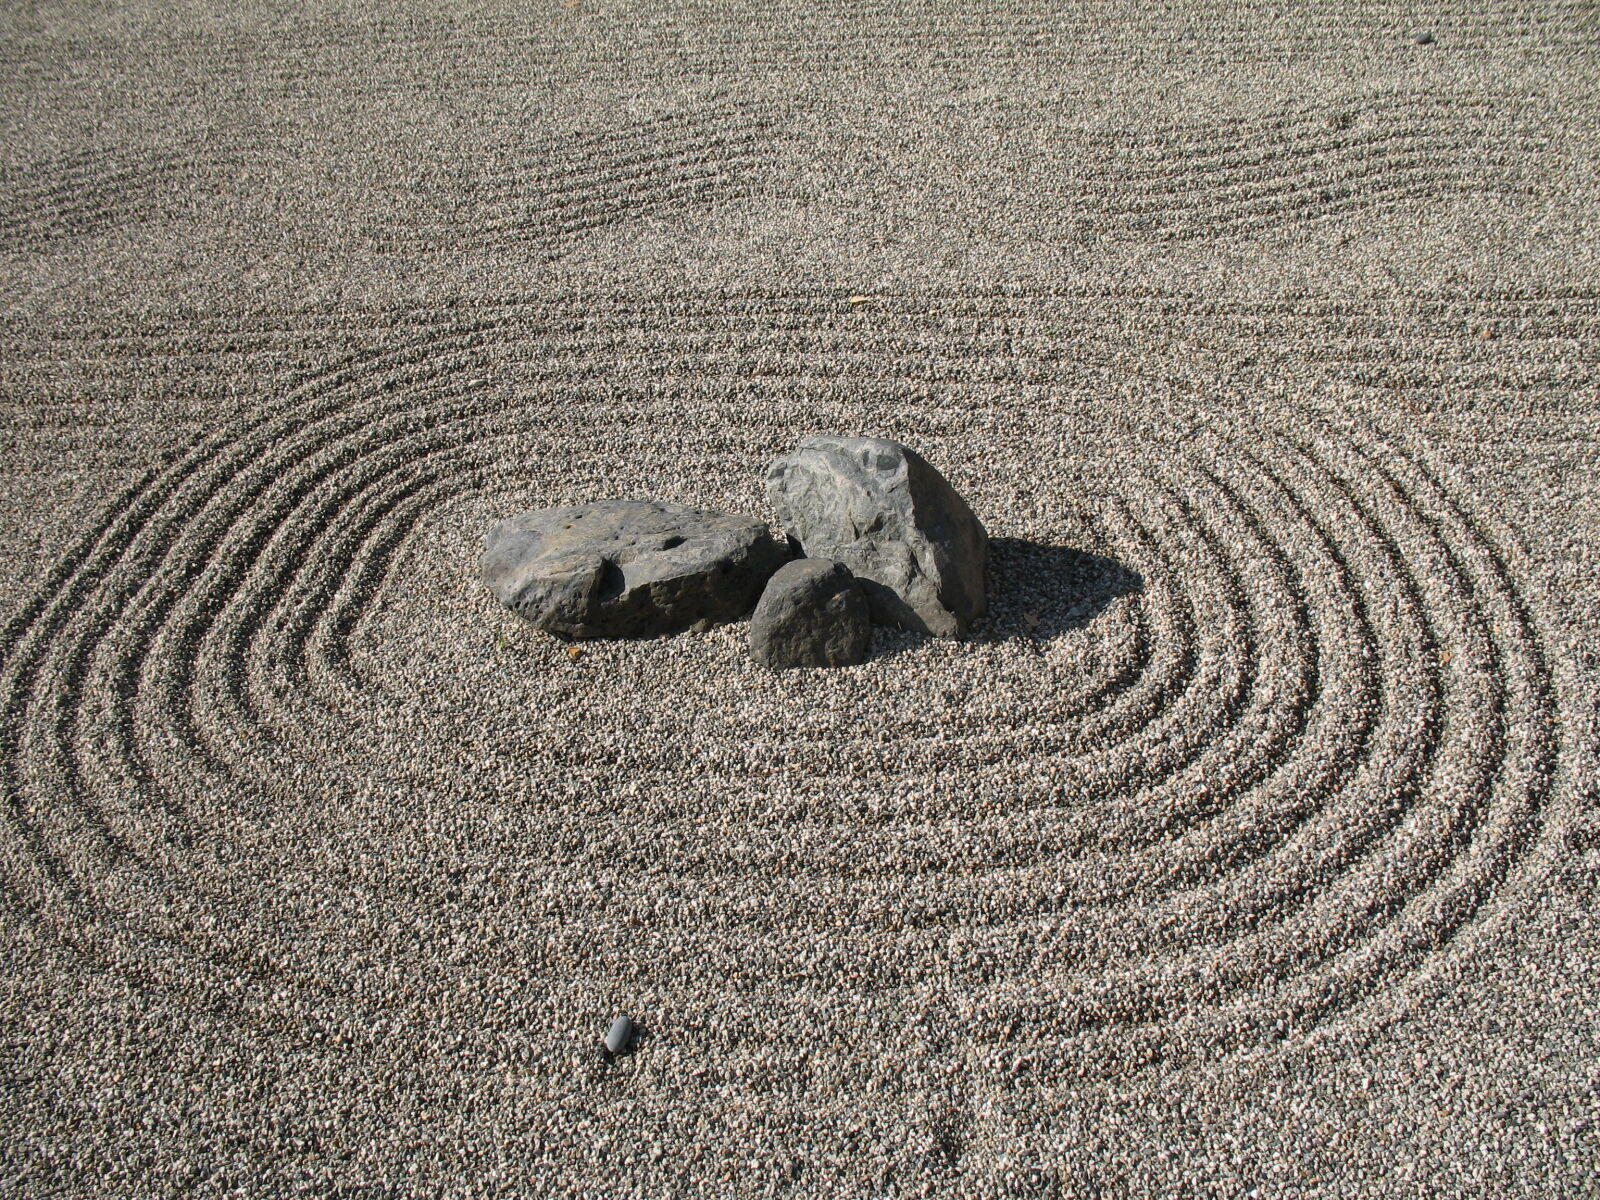 """Canon POWERSHOT A620 sample photo. """"Rock, garden, zen"""" photography"""